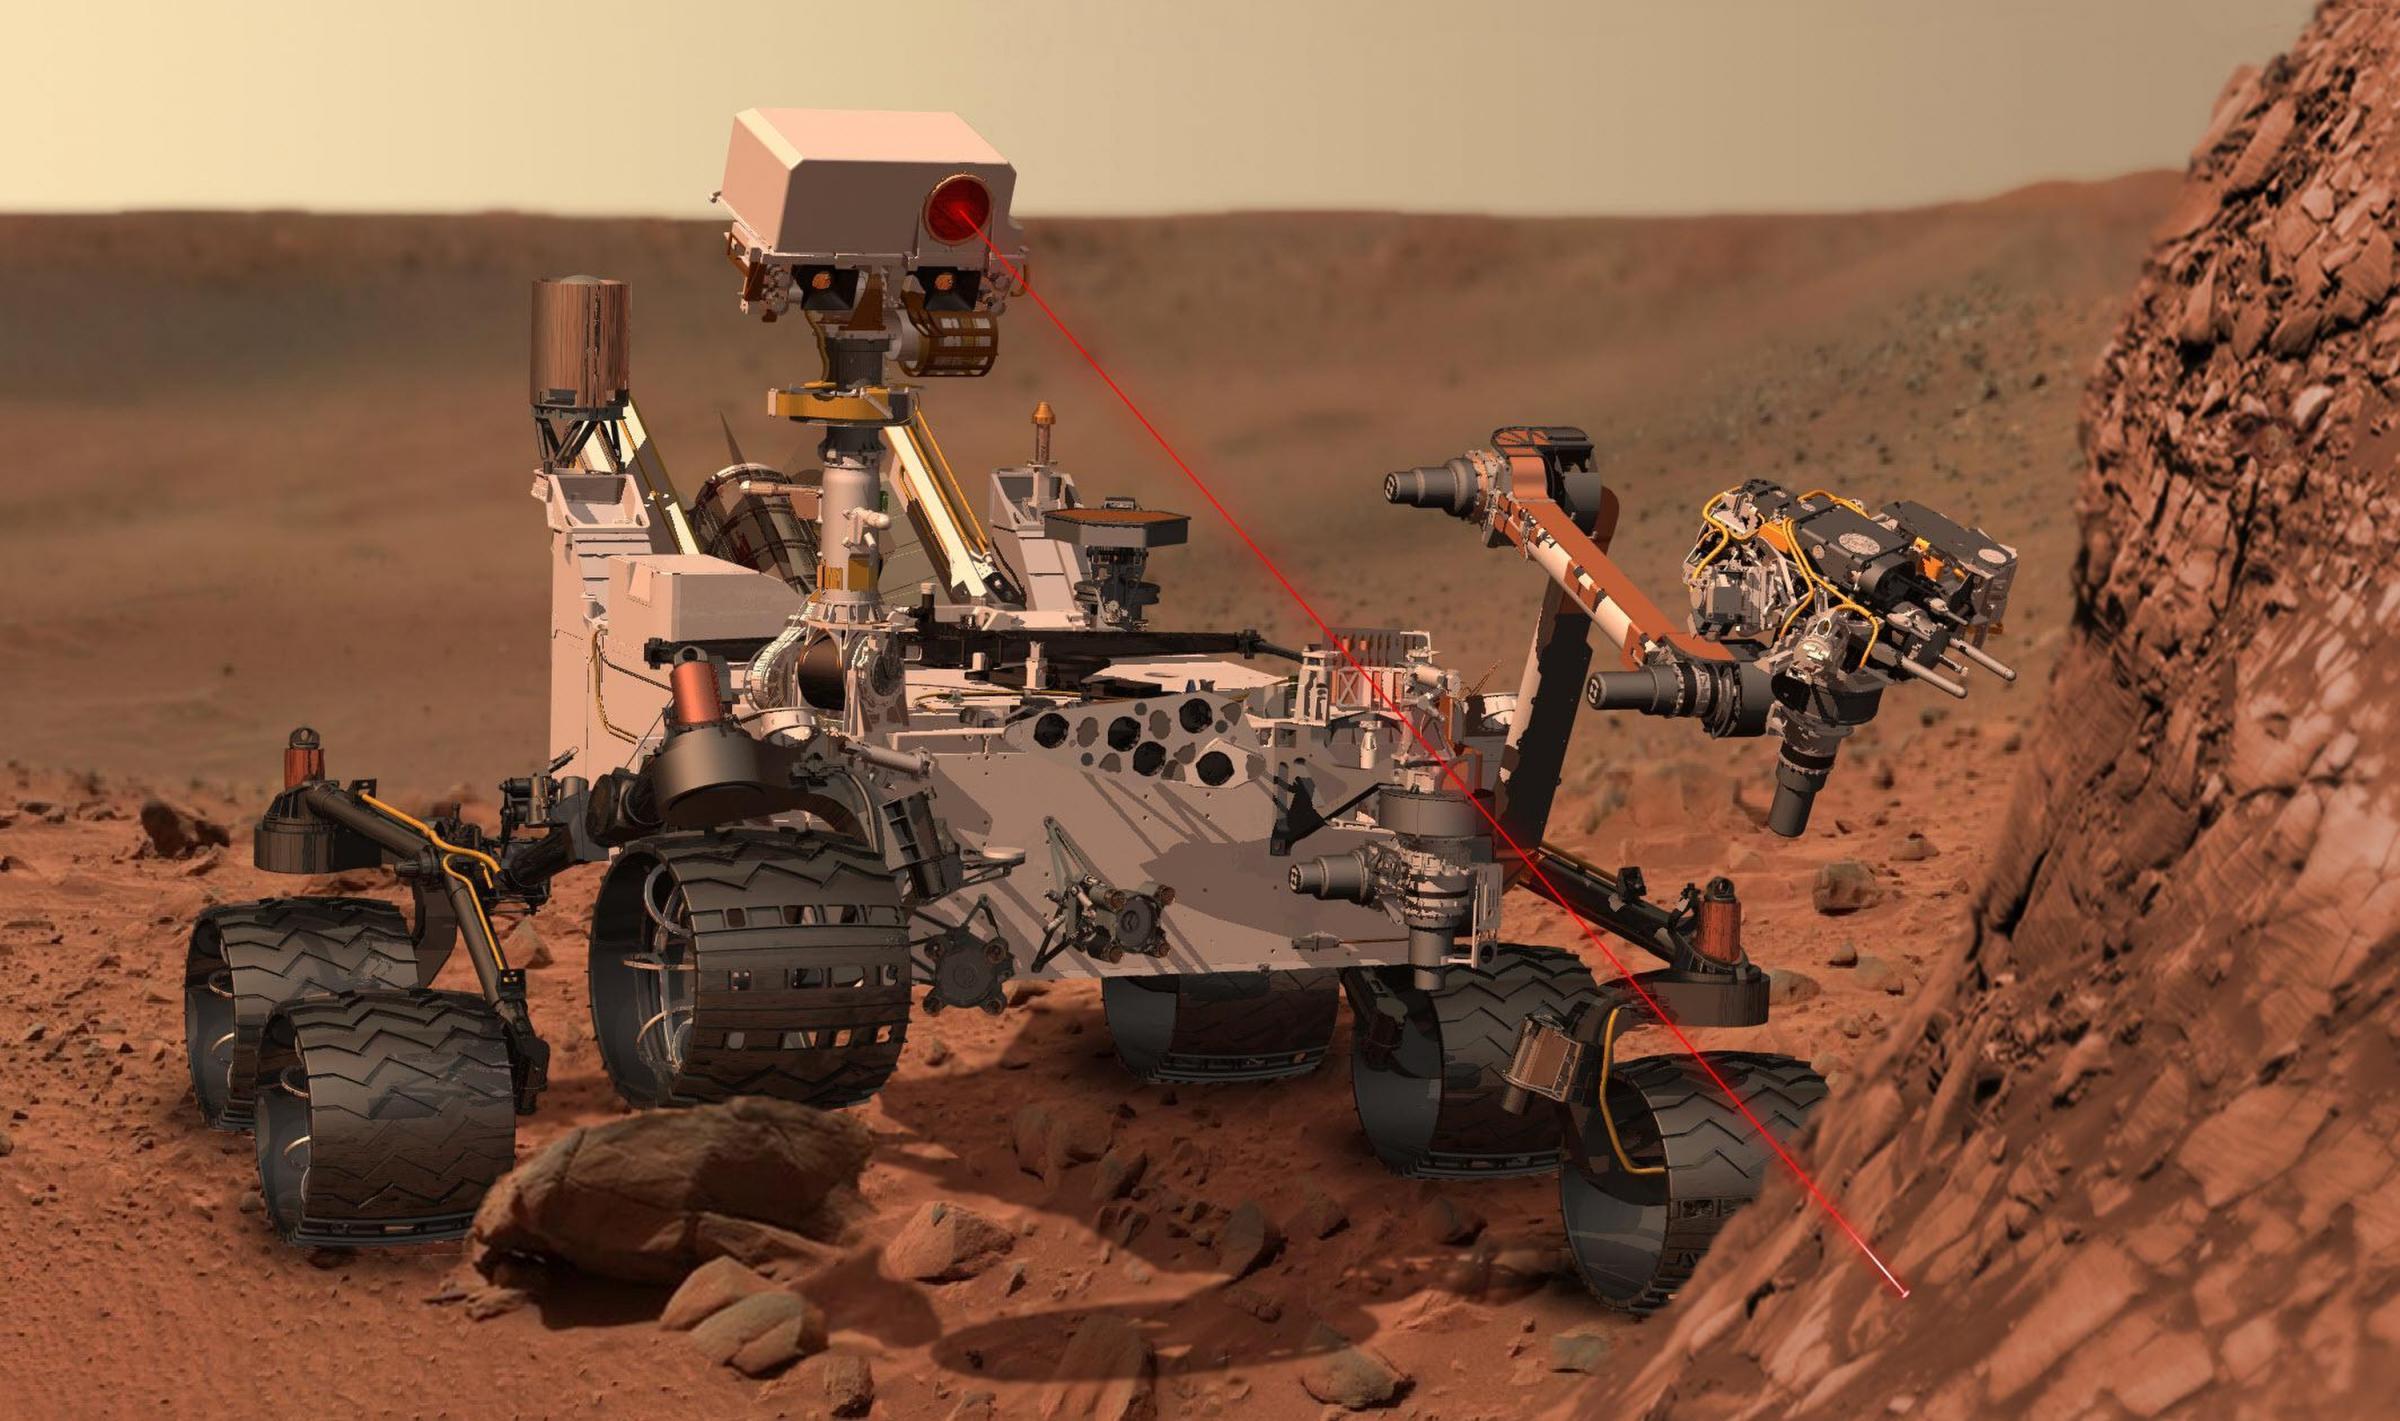 Da Pathfinder a Curiosity, com'è cambiata l'esplorazione di Marte